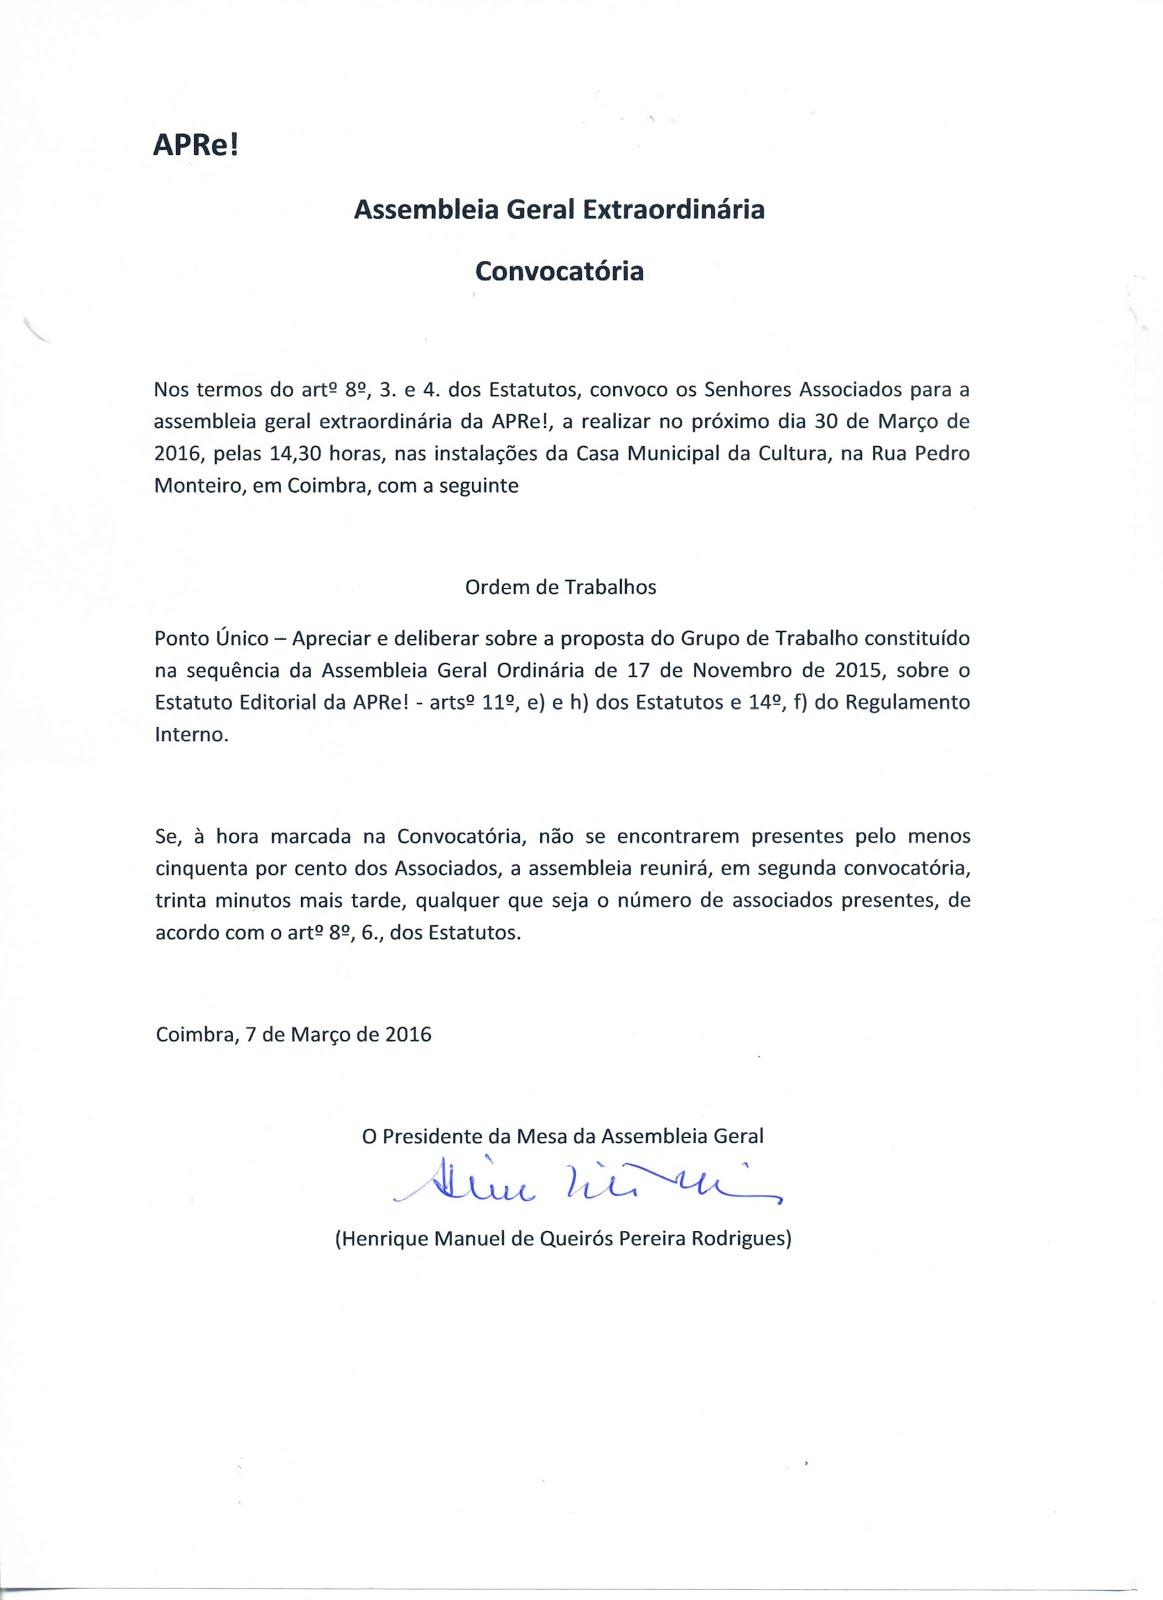 Convocatória para Assembleia Geral Extraordinária da APRe! 30 de Março 2016